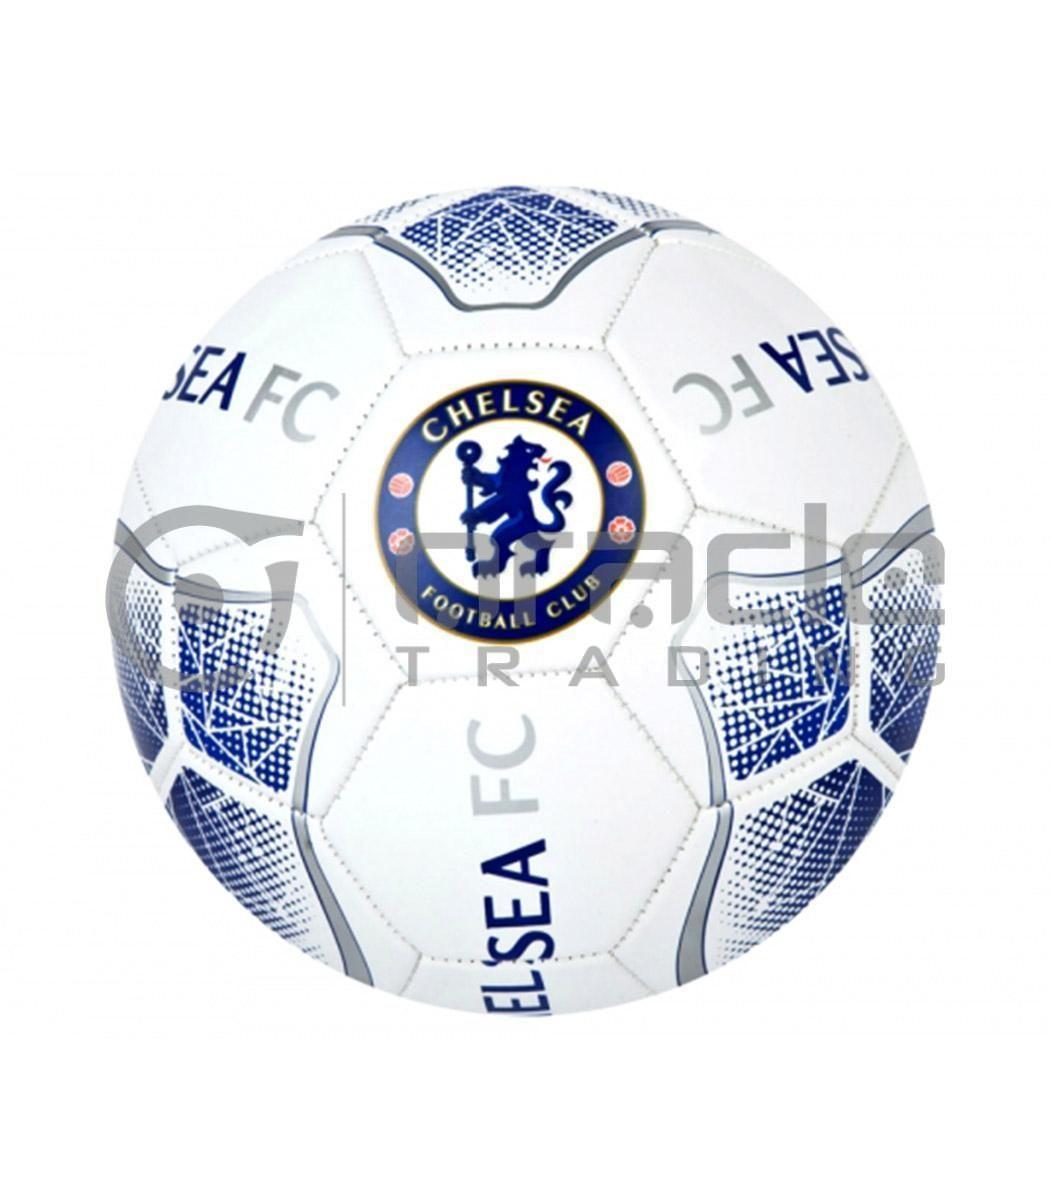 Chelsea Large Soccer Ball